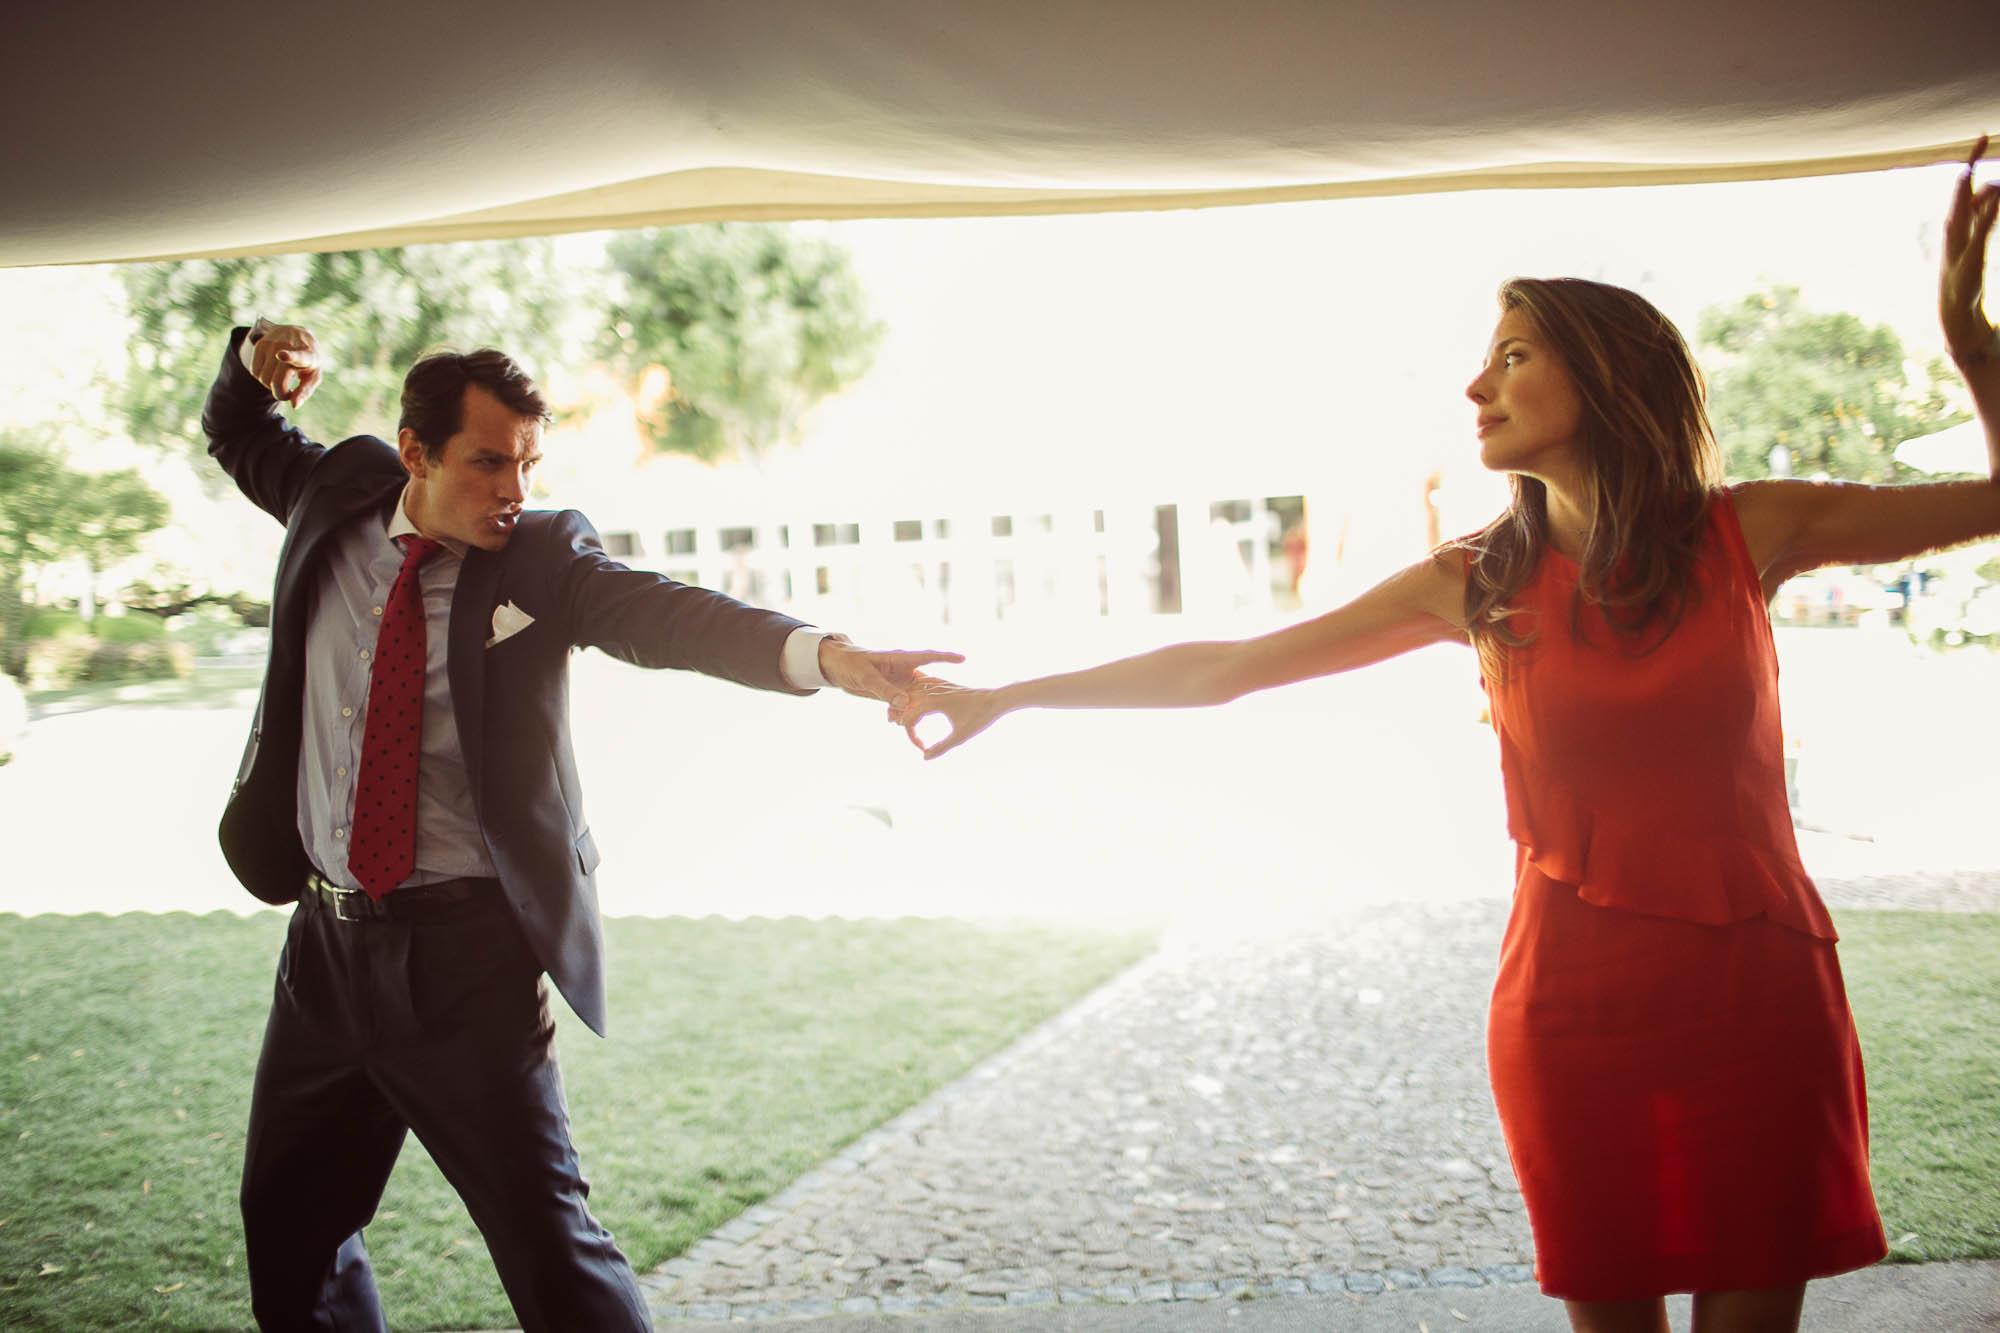 Dos invitados bailando agarrados de la mano con los brazos estirados